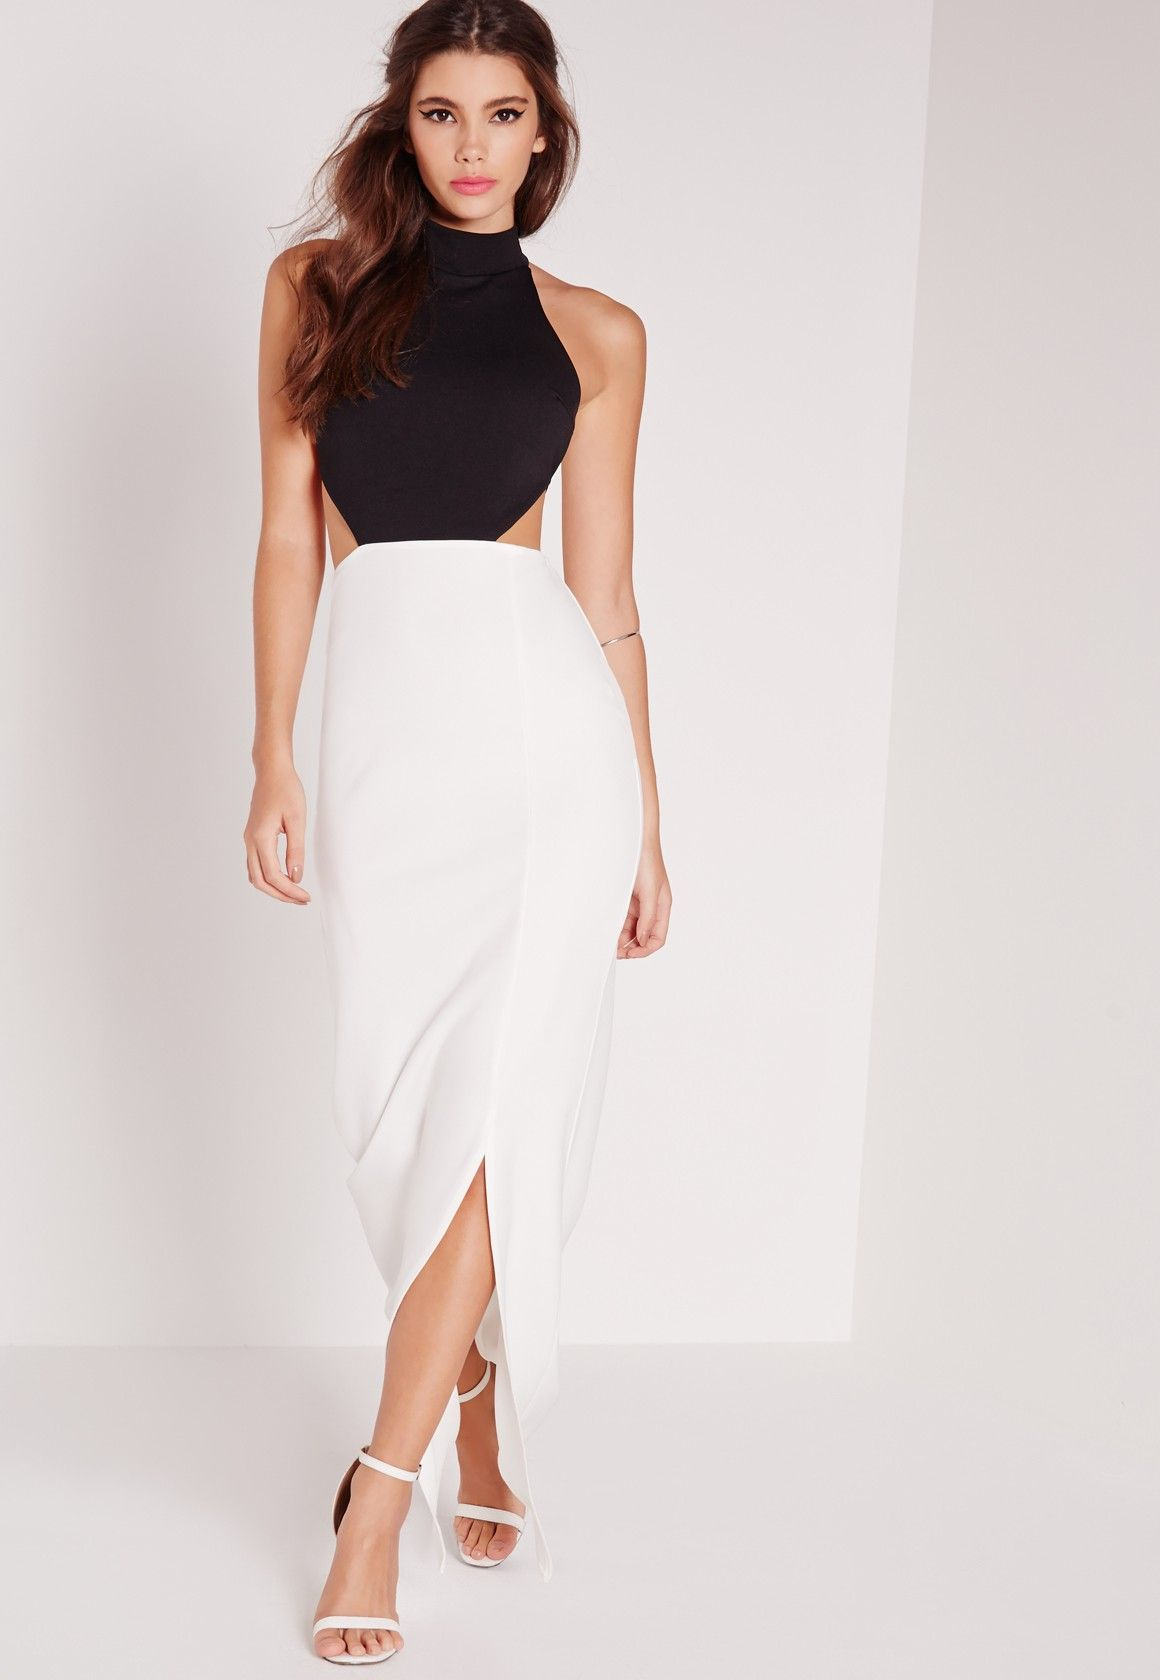 79252a6f5a8 Robe longue noire et blanche robe blanche droite courte